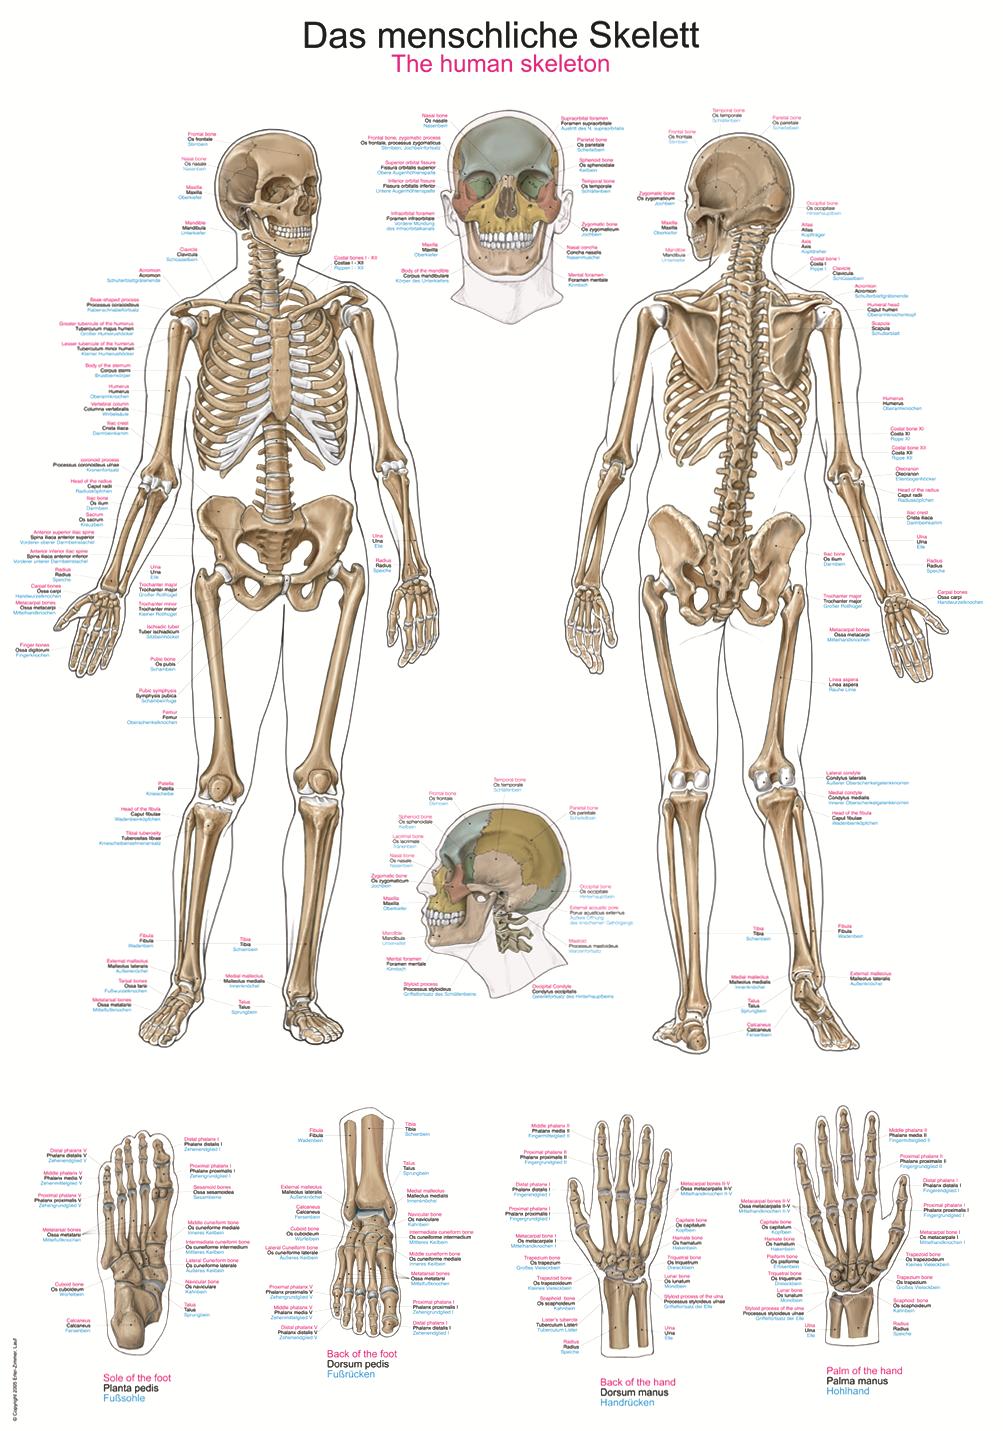 de tag menschliche Anatomie Skelett